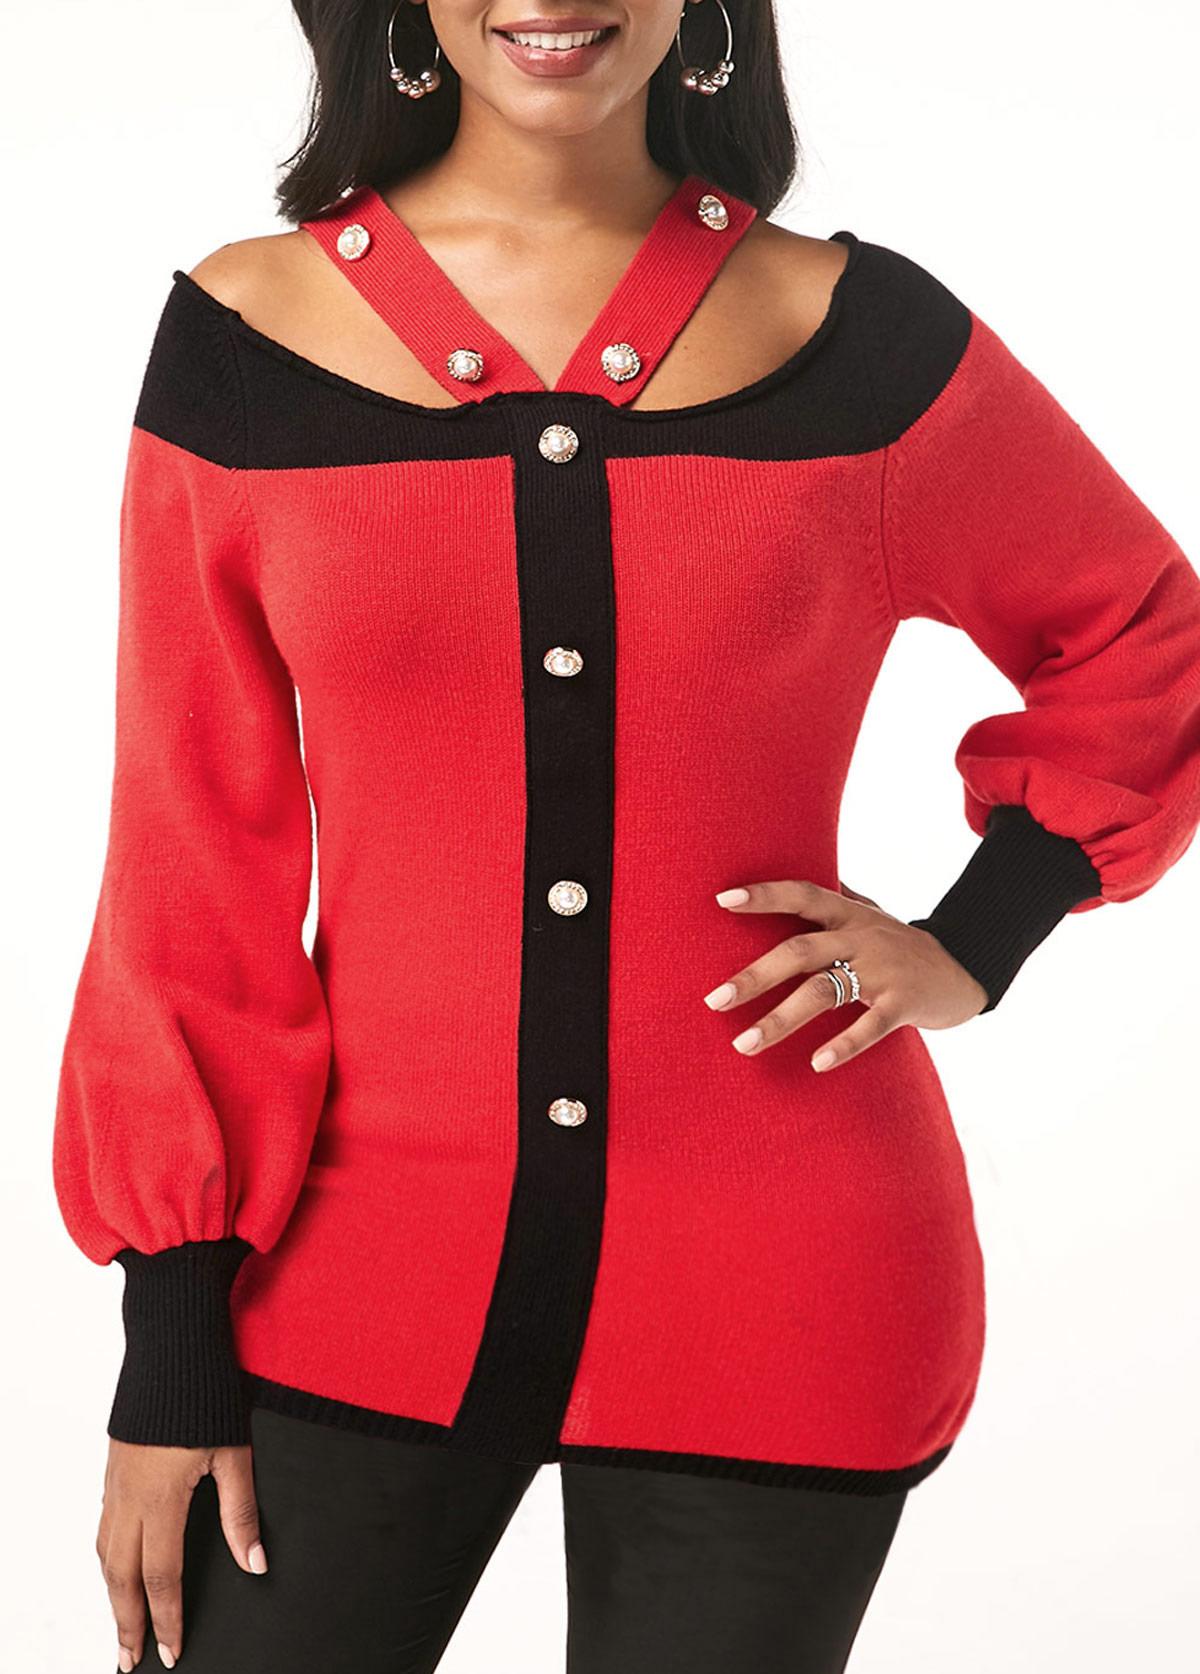 Blouson Sleeve Cold Shoulder Pearl Embellished Sweater